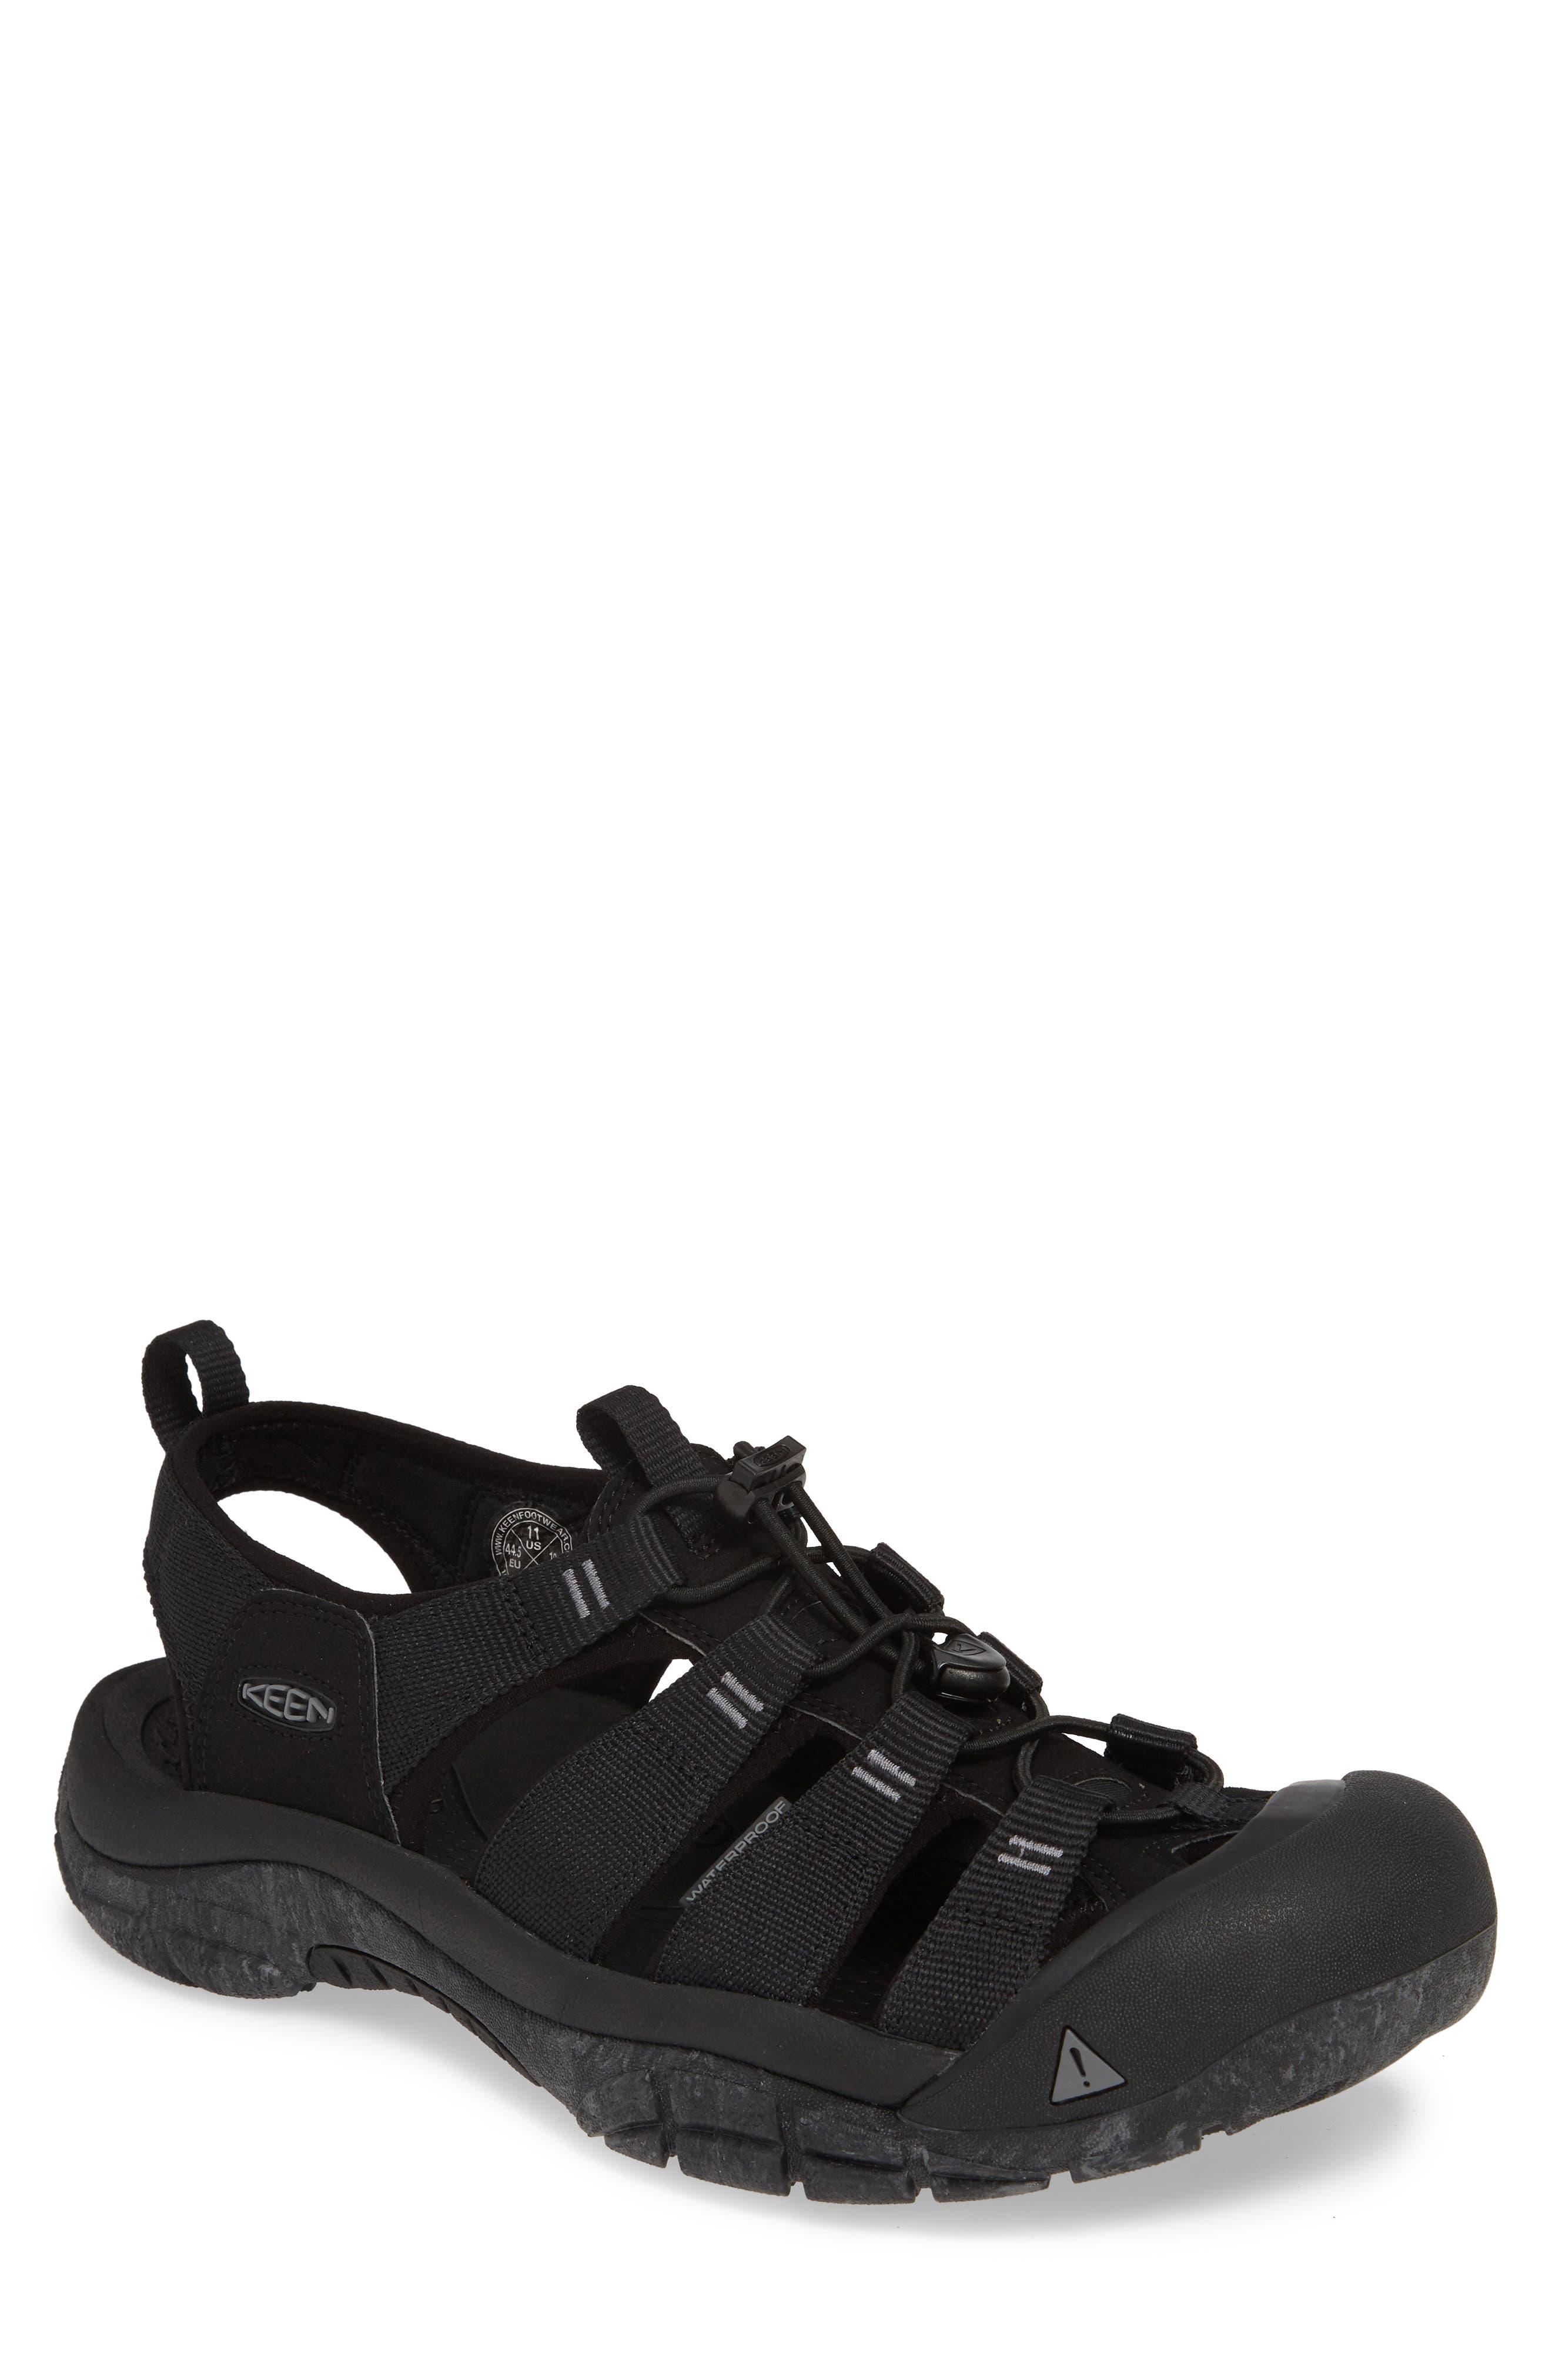 7cf8d92a156 Men s Sandals Keen